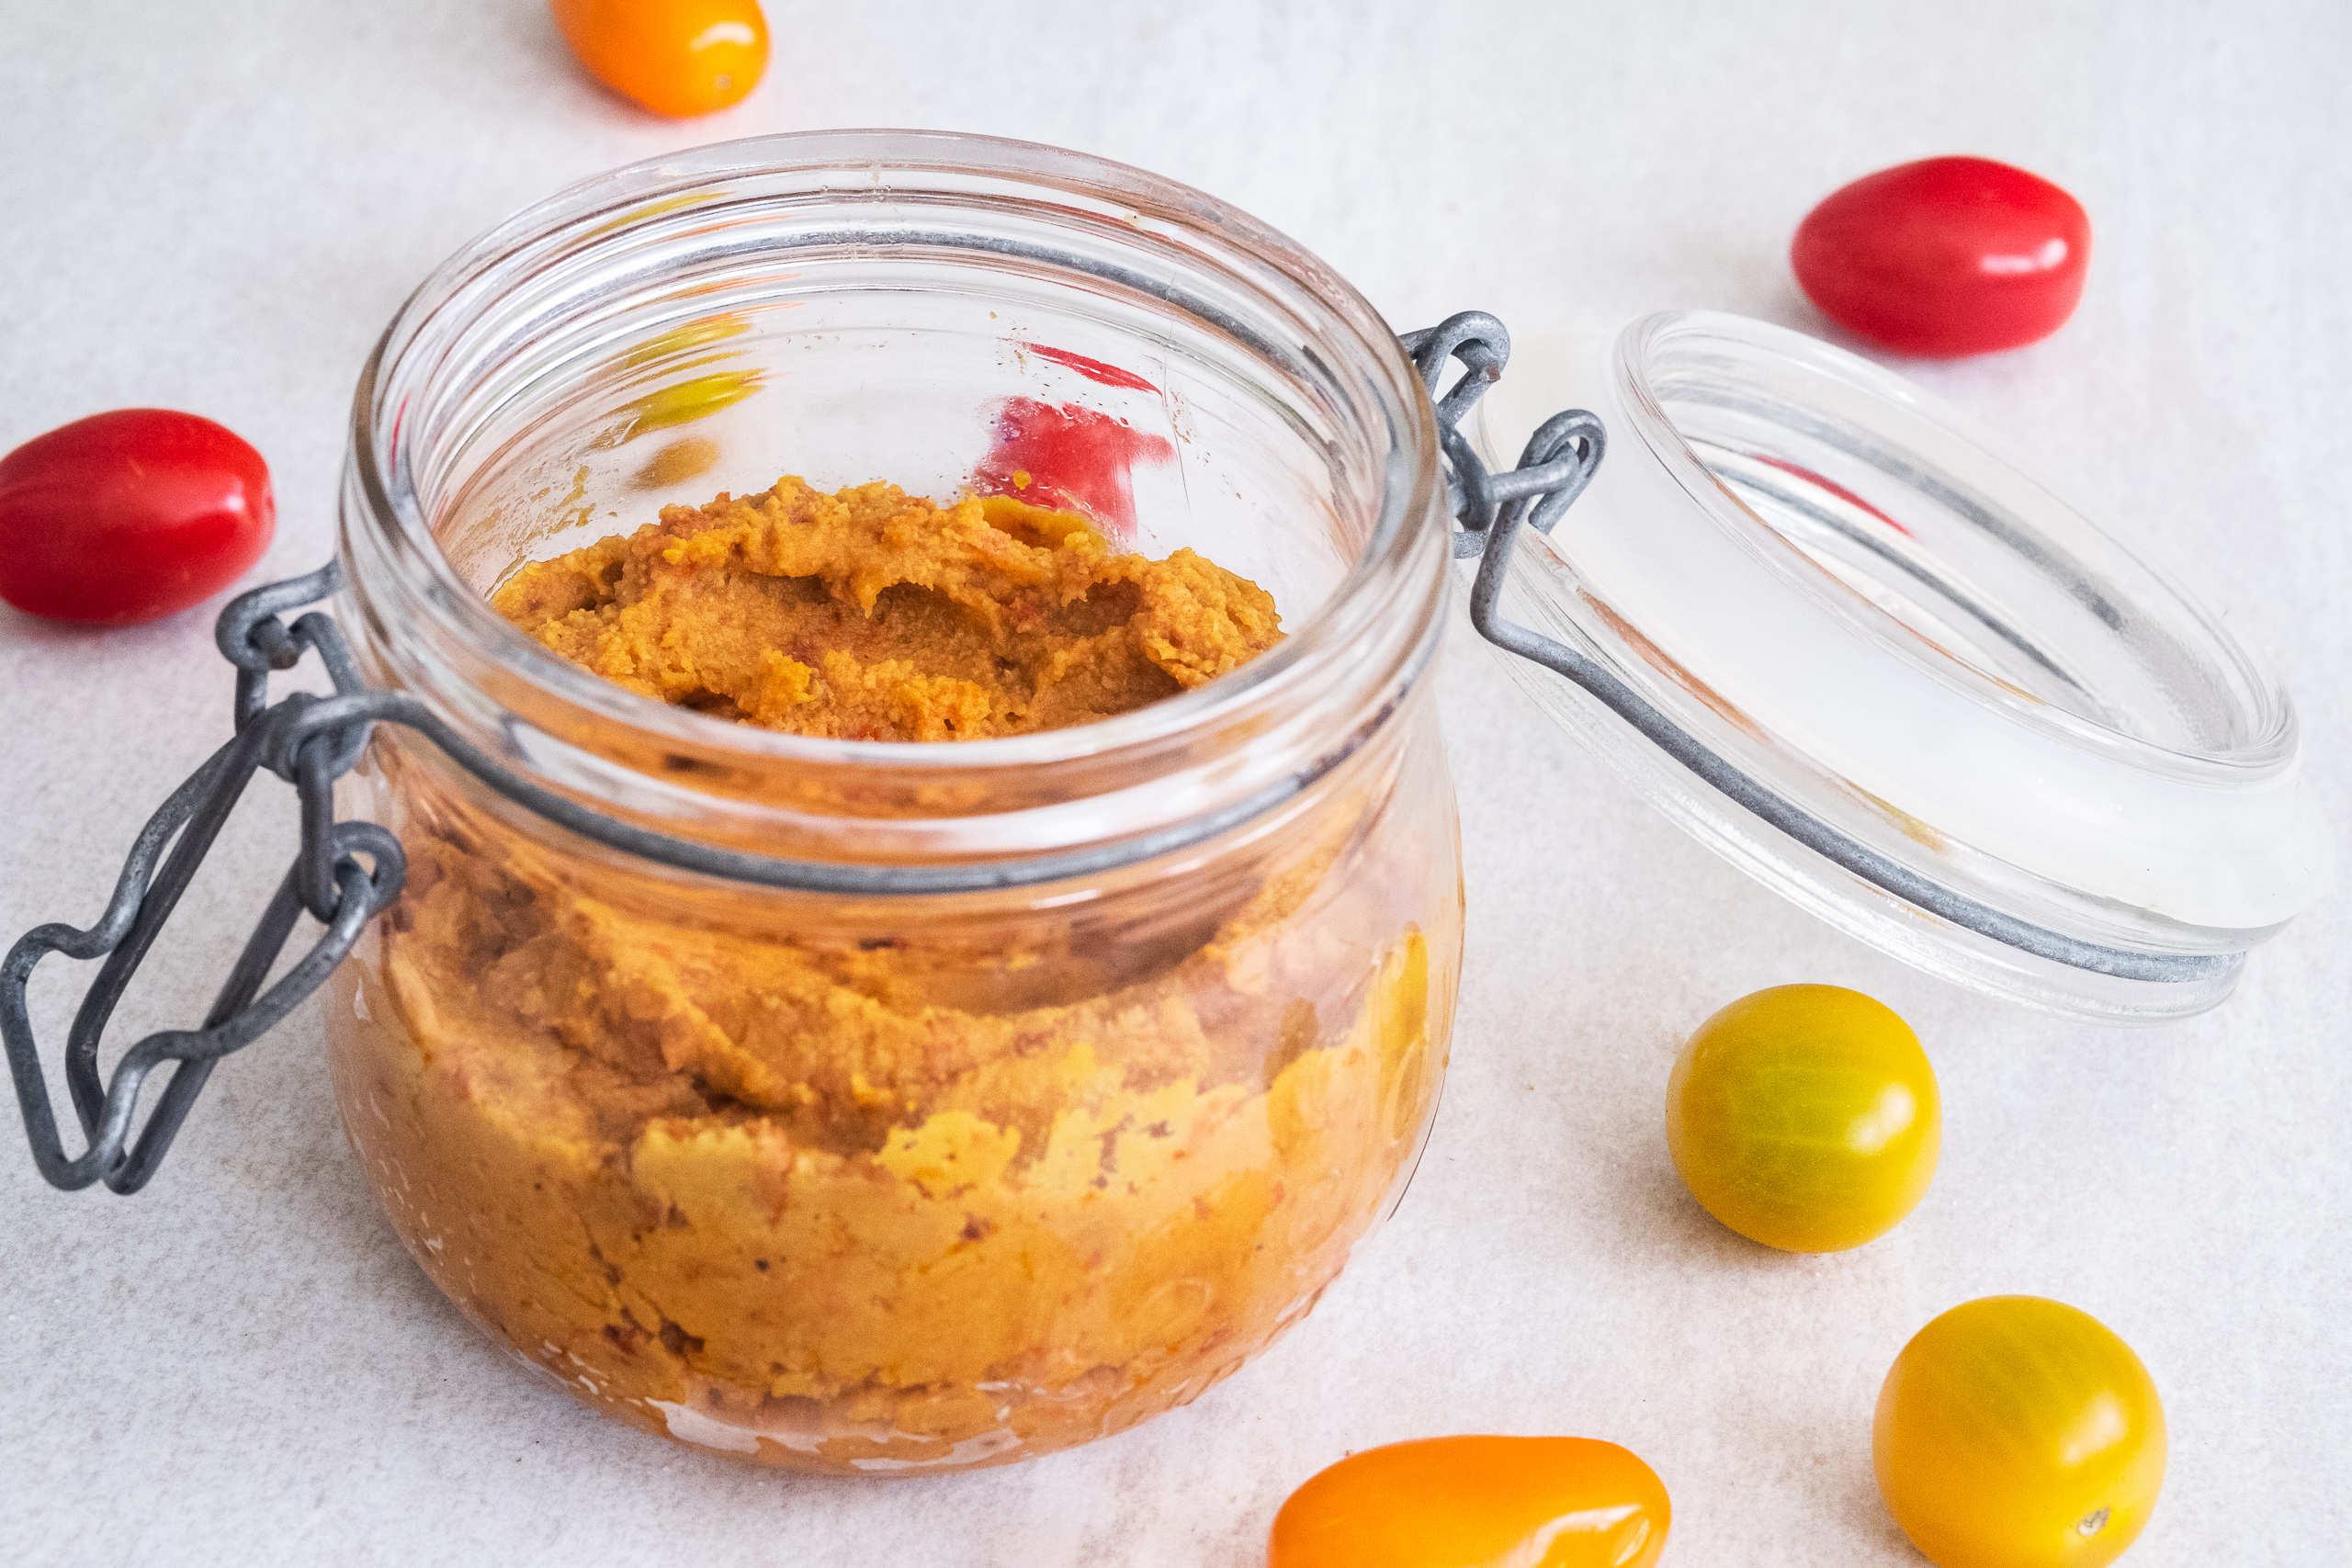 Recept på hummus med smak av basilika eller soltorkade tomater